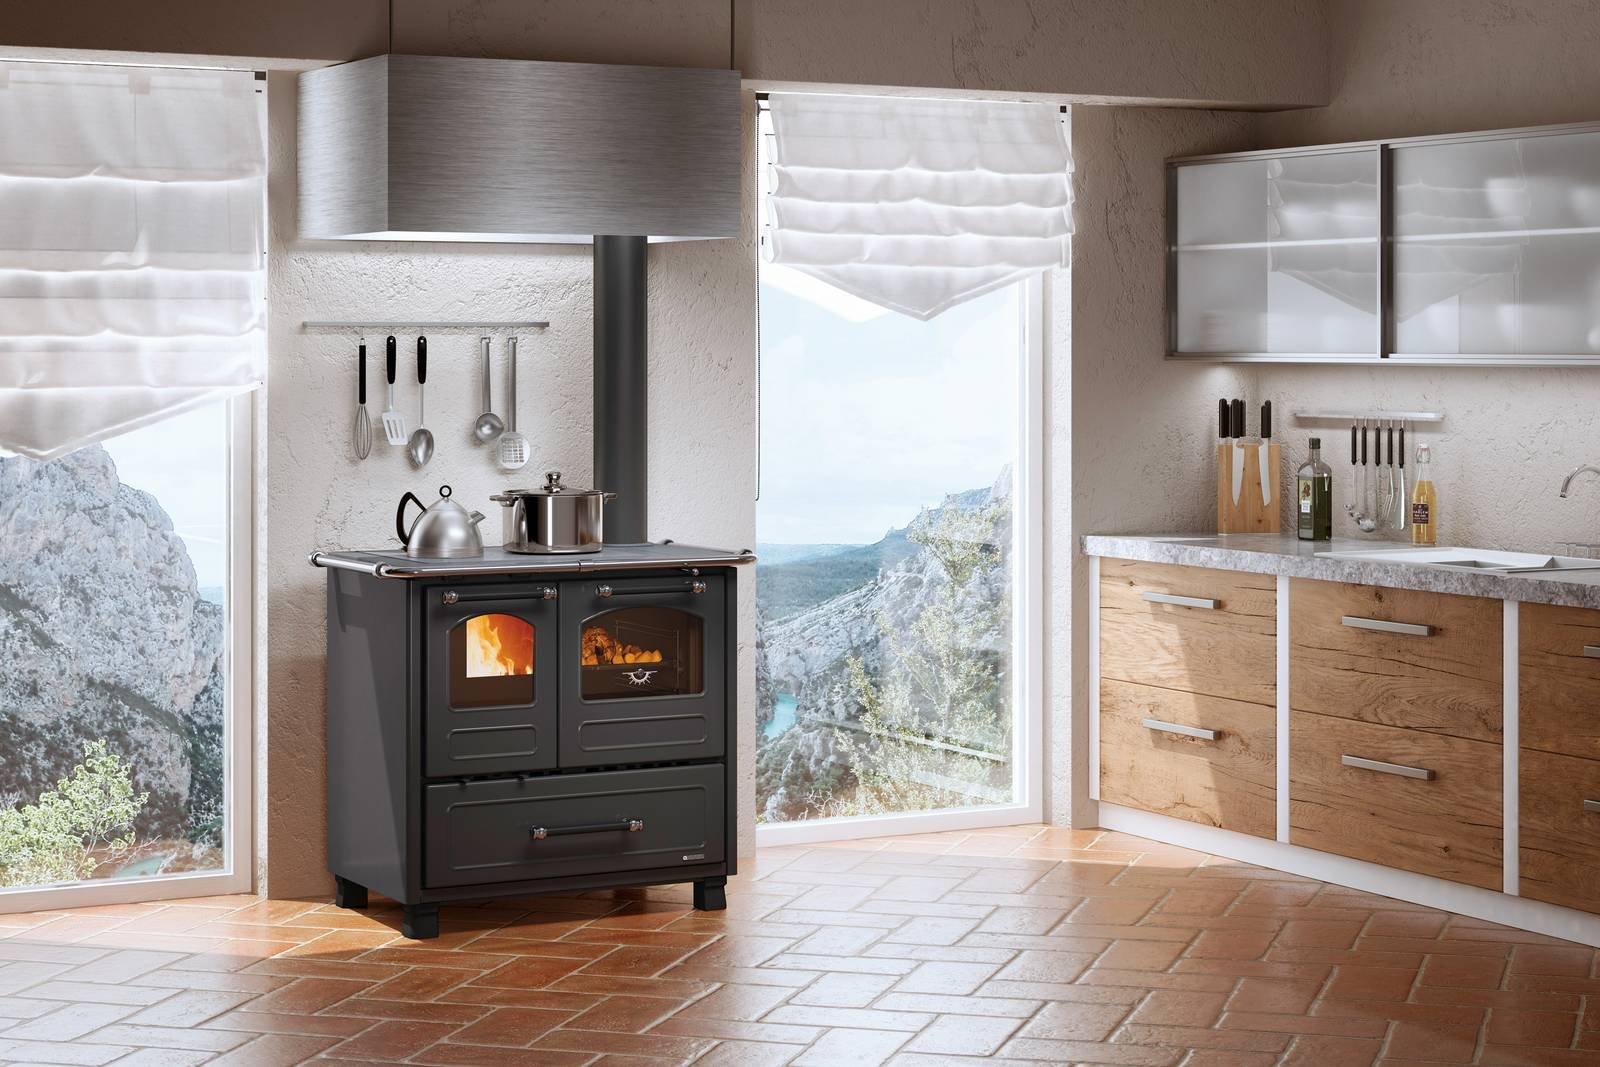 Le migliori cucine a legna a progetto fuoco cose di casa - Le migliori cucine ...